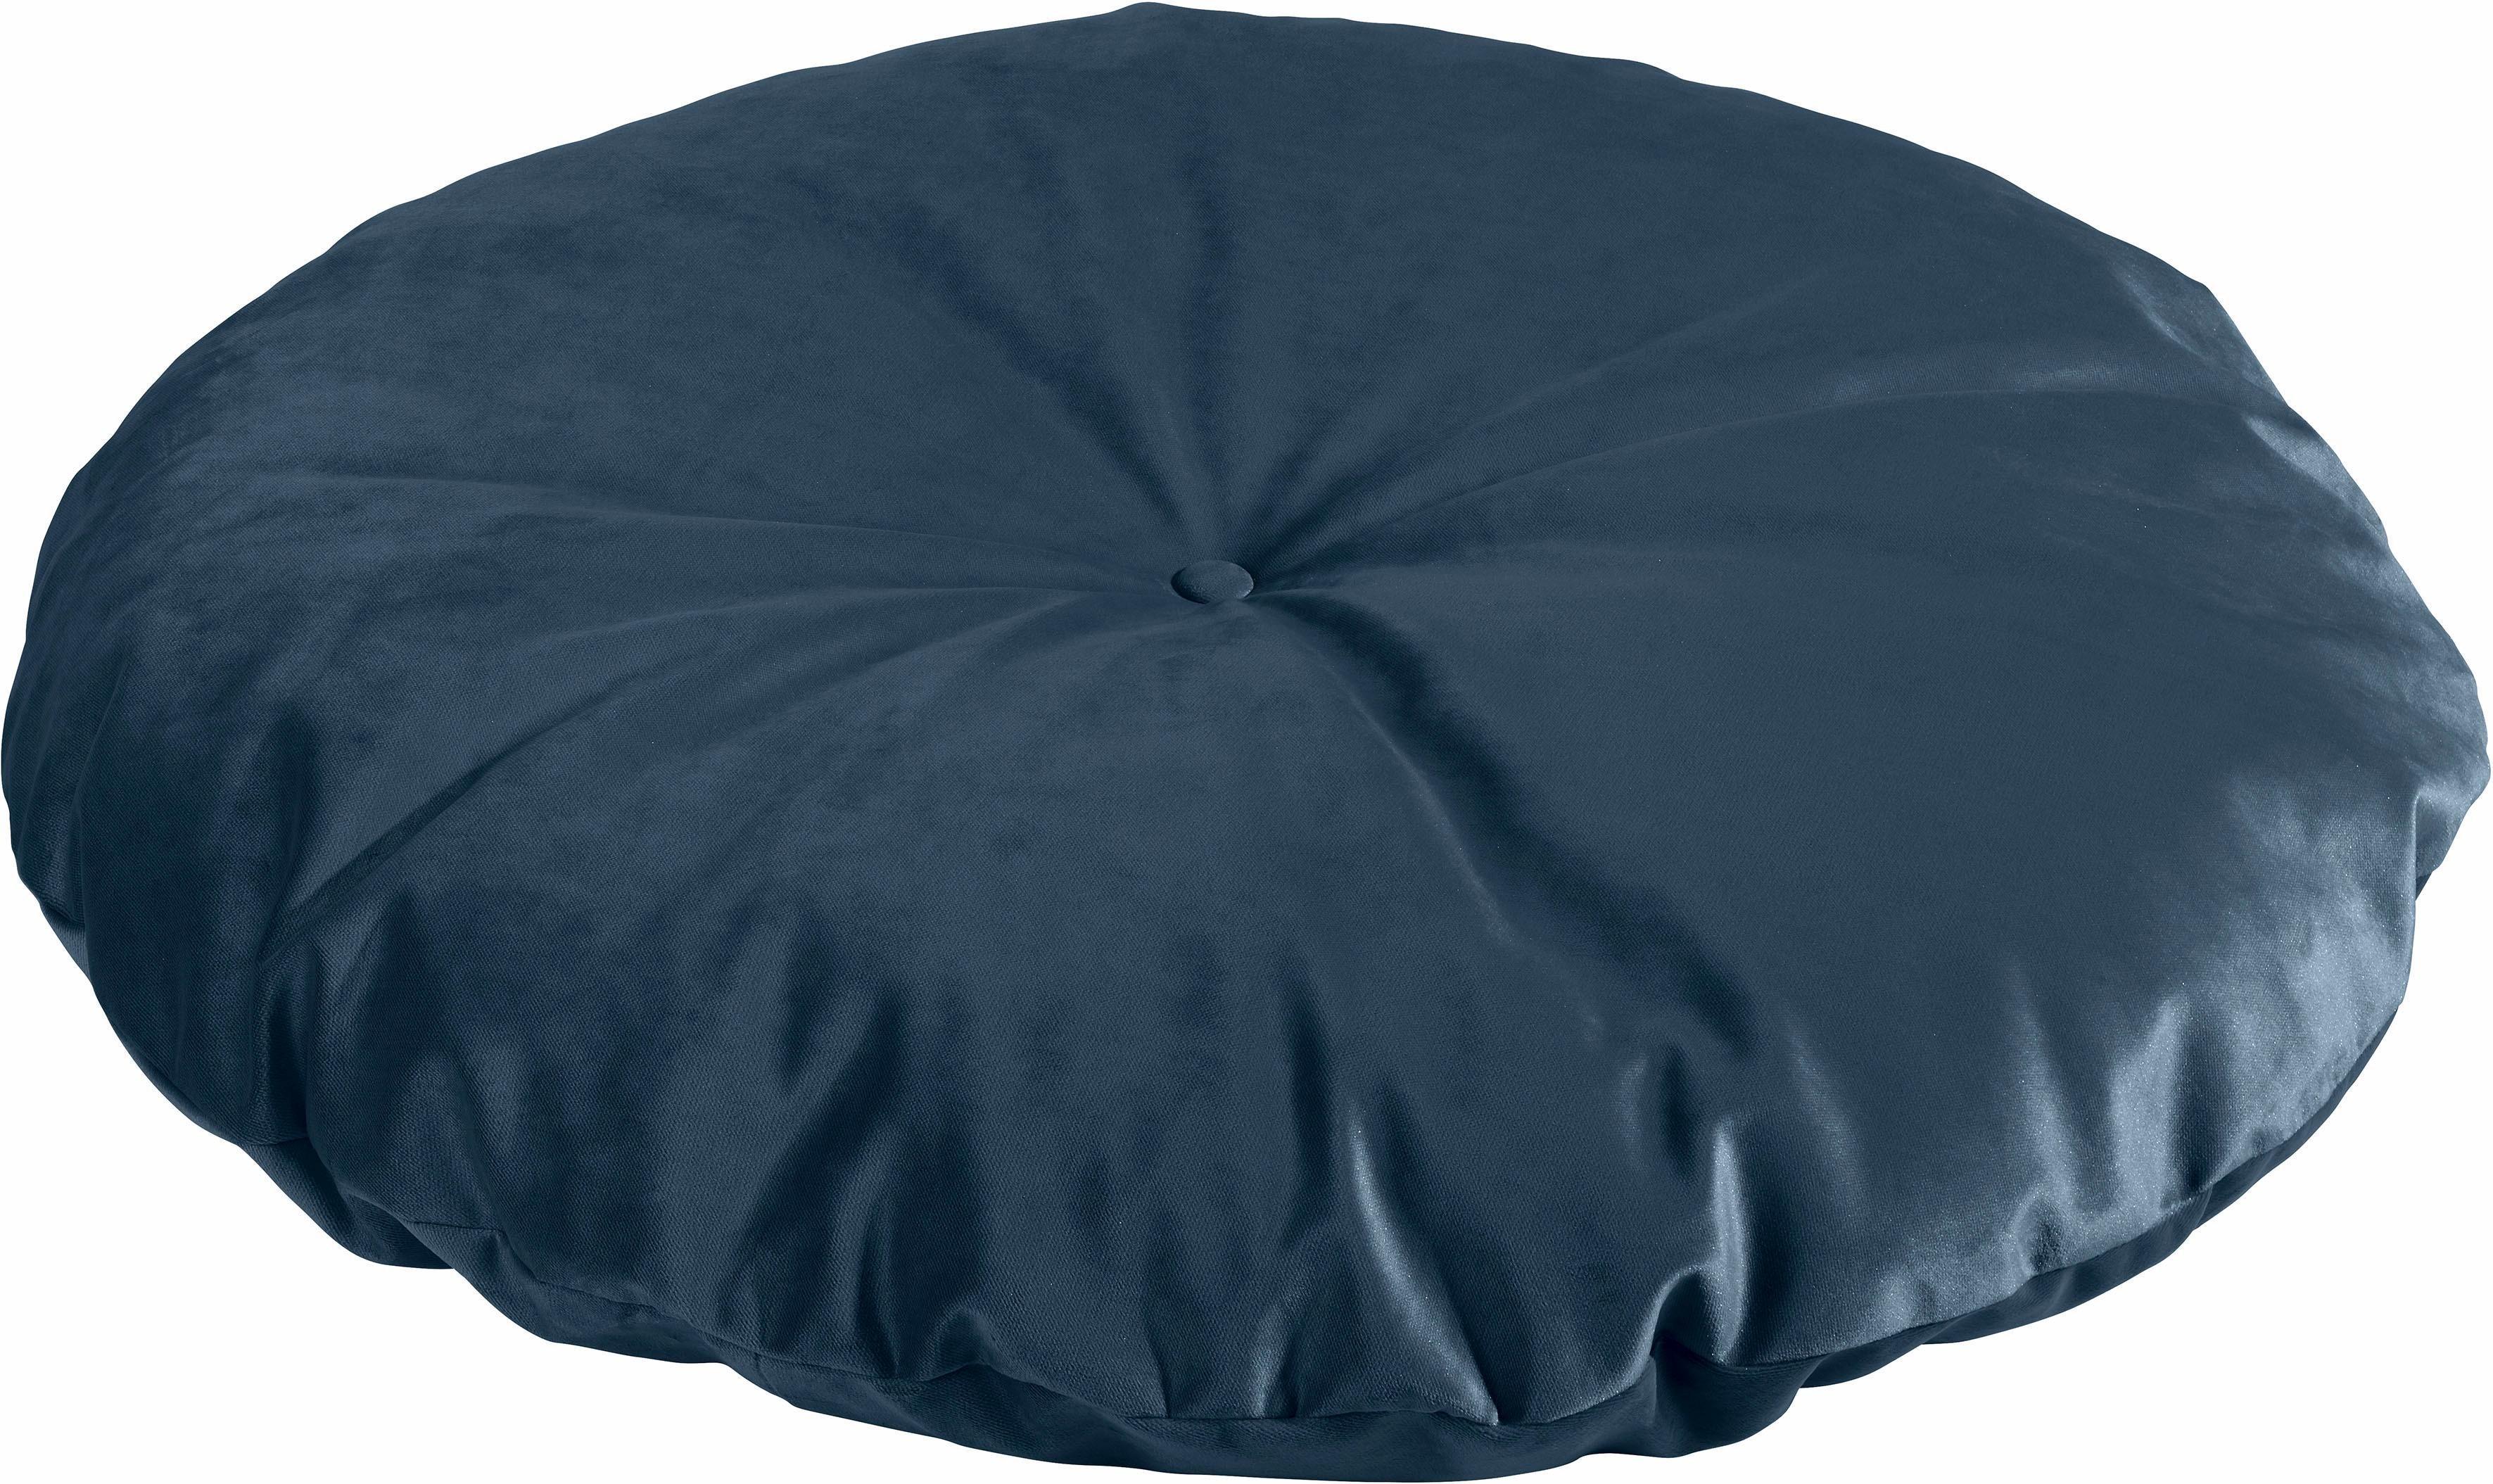 Max Winzer® Bodenkissen unifarben, in 2 Größen | Wohnzimmer > Sessel > Sitzsaecke | Samtvelours | Max Winzer®